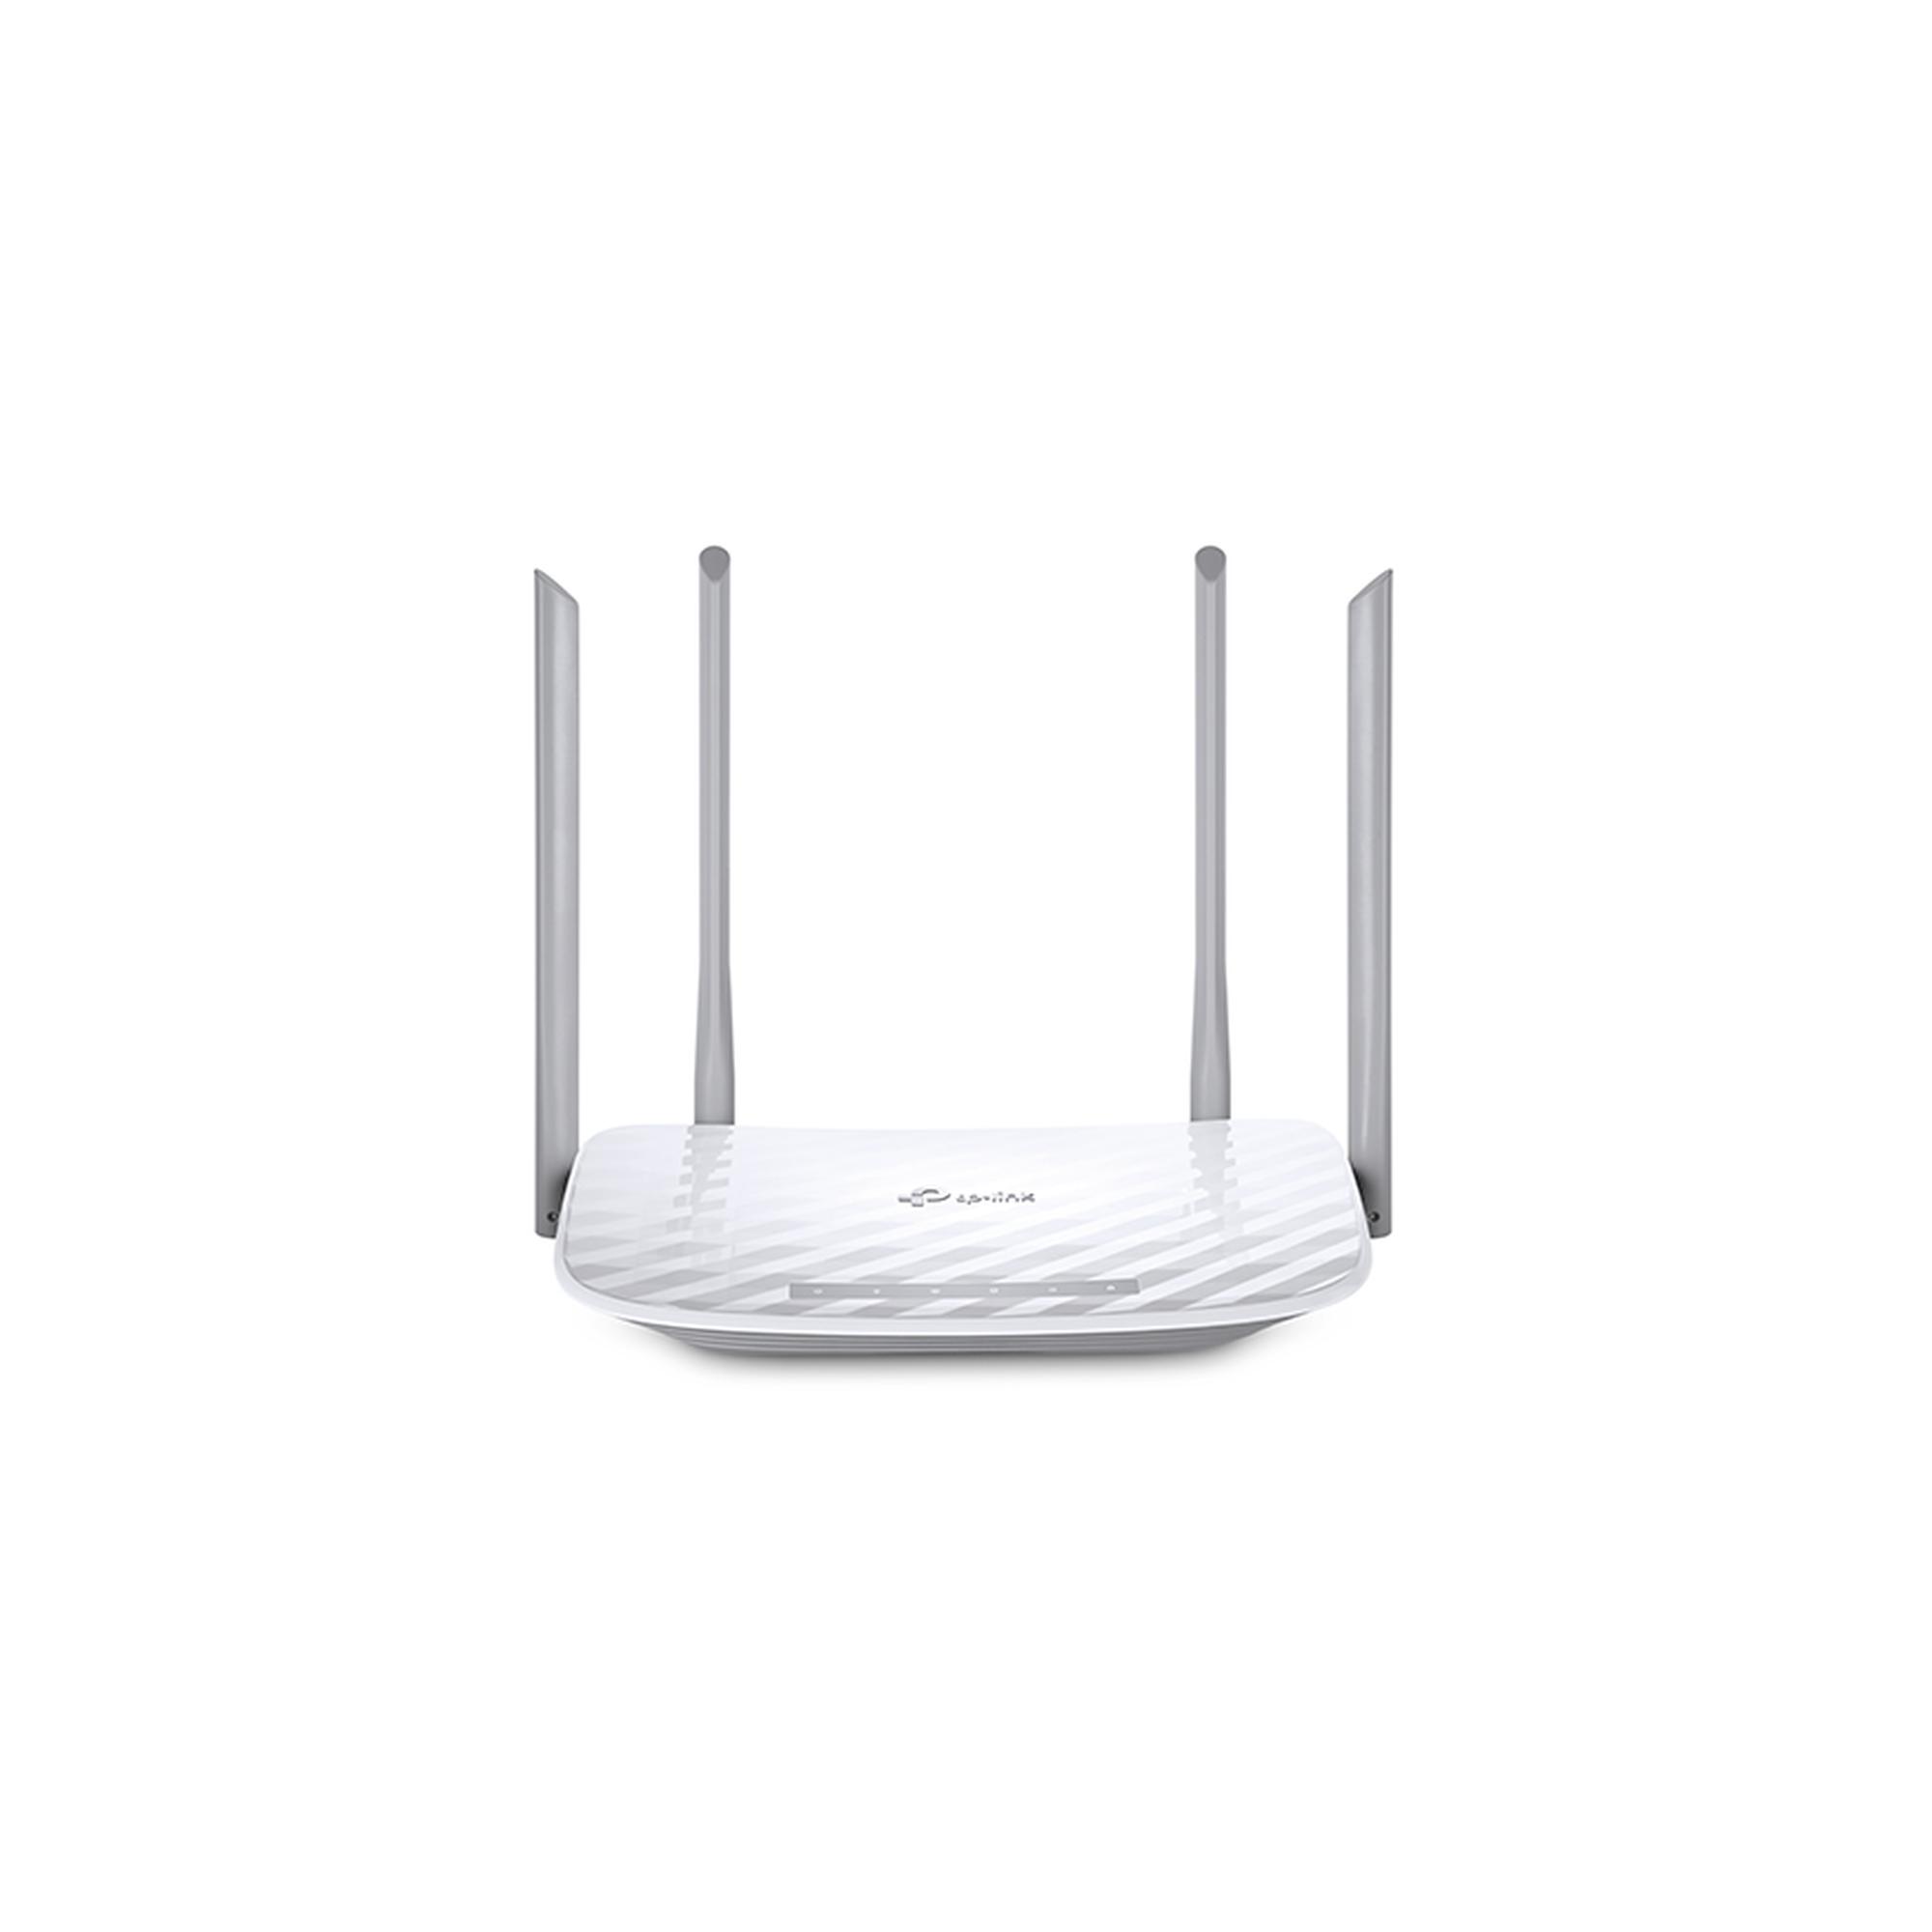 Router Inalámbrico doble banda AC, 2.4 GHz y 5 GHz Hasta 1200 Mbps, 4 antenas externas omnidireccional, 4 Puertos LAN 10/100 Mbps, 1 Puerto WAN 10/100 Mbps, Versión 4.2